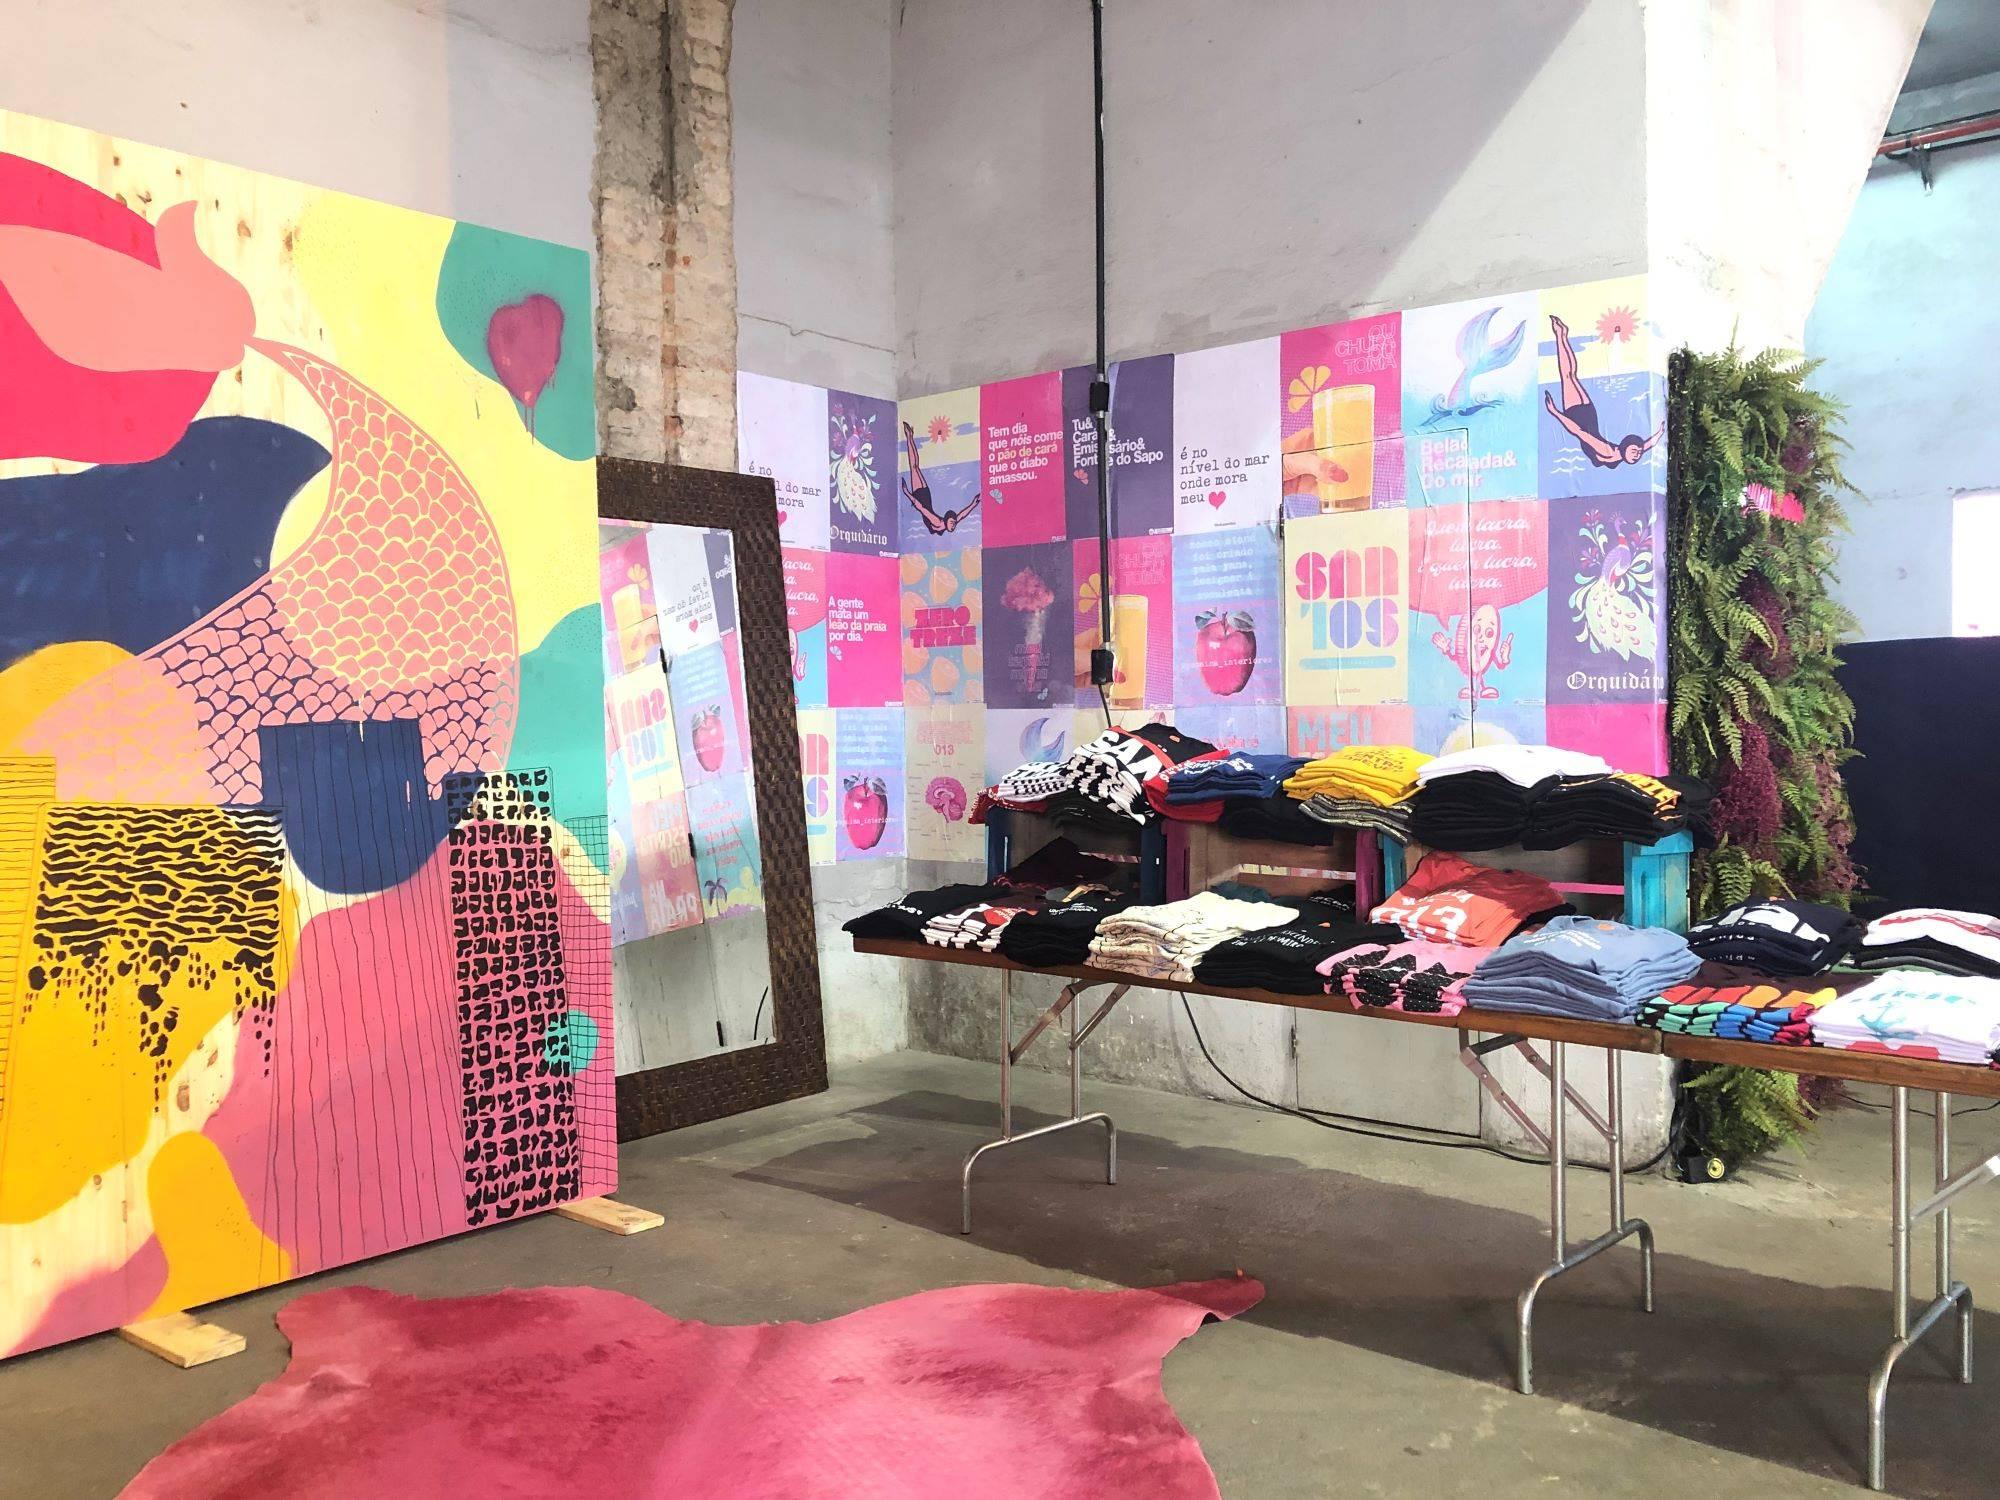 www.juicysantos.com.br - yanaina interiores designer de interiores em santos projeto de estande de vendas para juicy santos